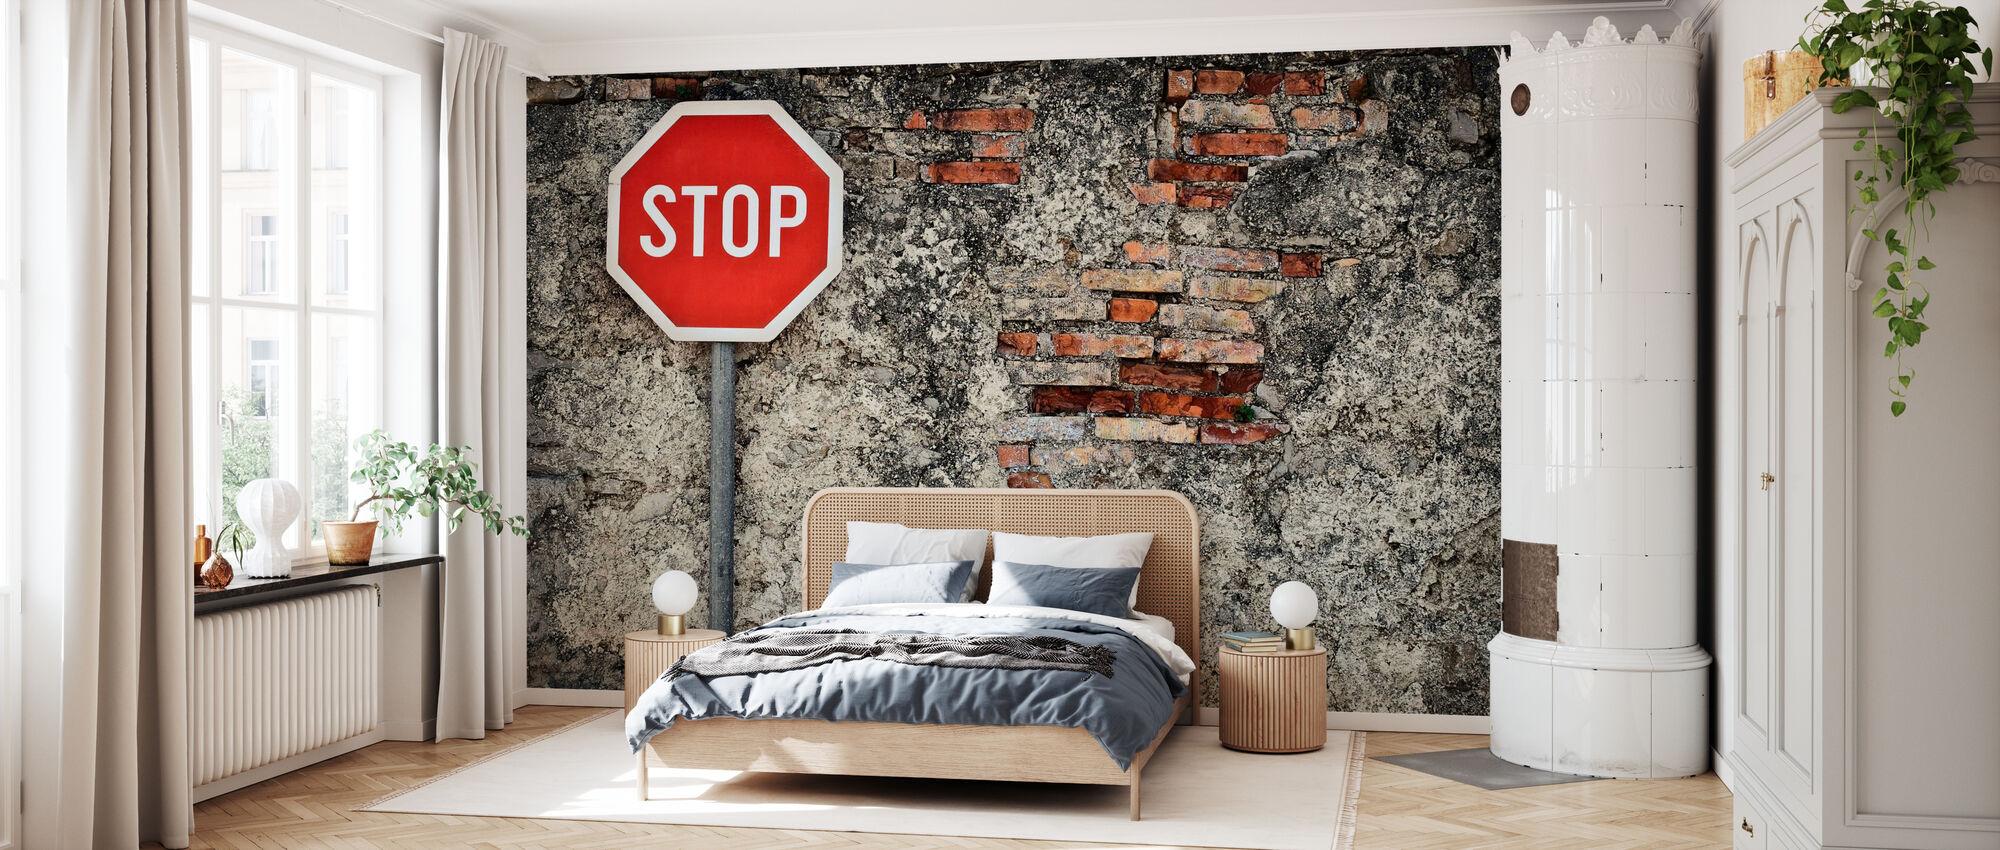 Pysäytä merkki vastaan Grungy Wall - Tapetti - Makuuhuone